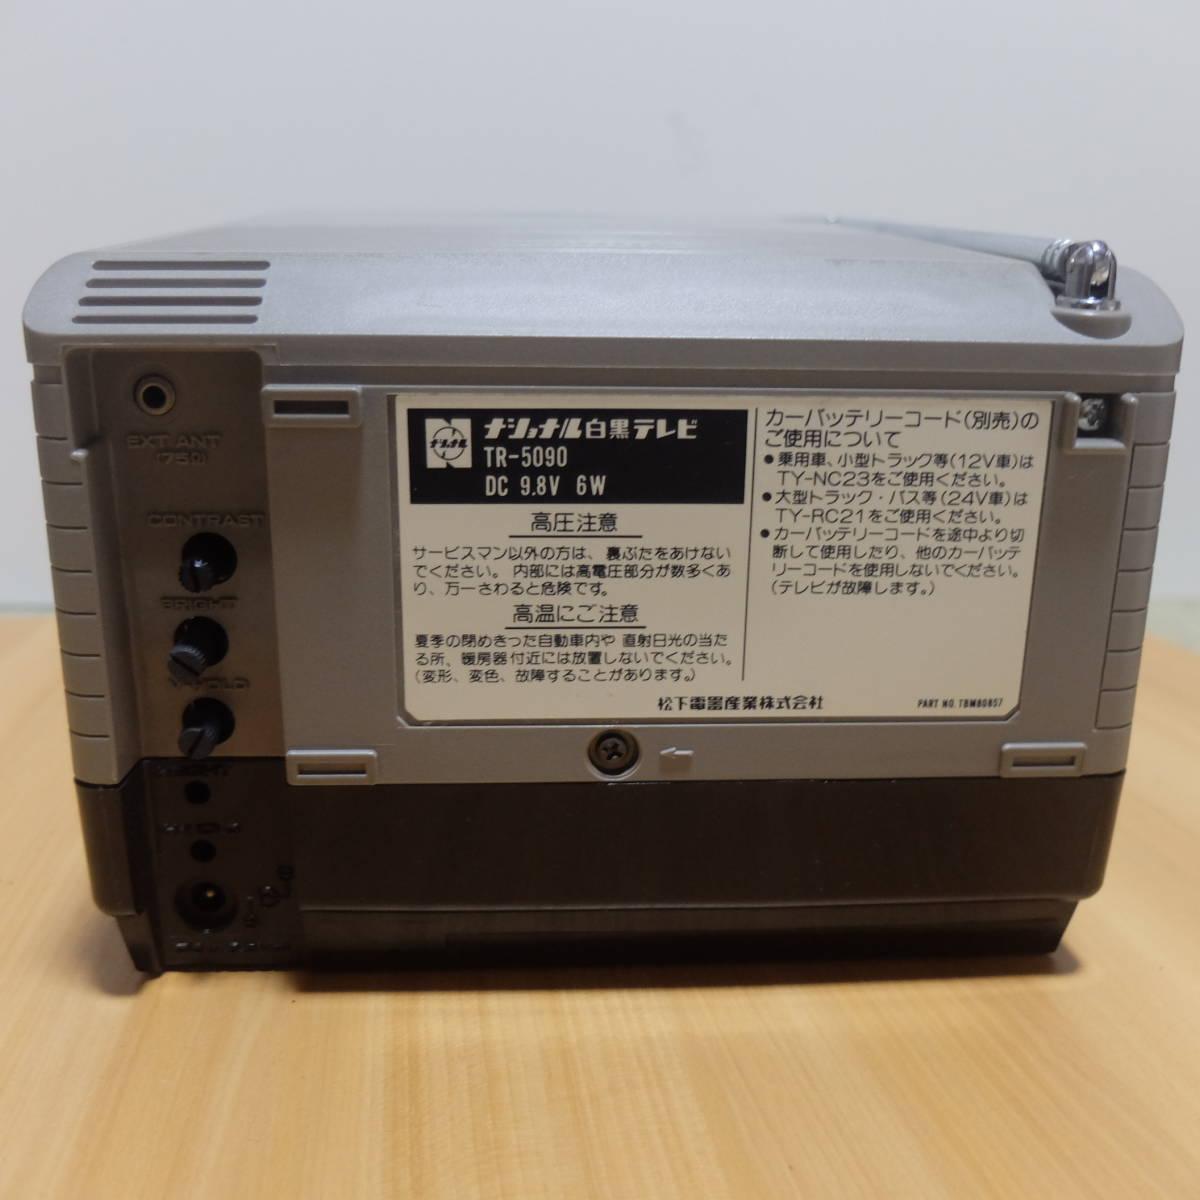 ポータブル 5型 白黒テレビ National ナショナル TR-5090 レトロ品 アンティーク_画像4